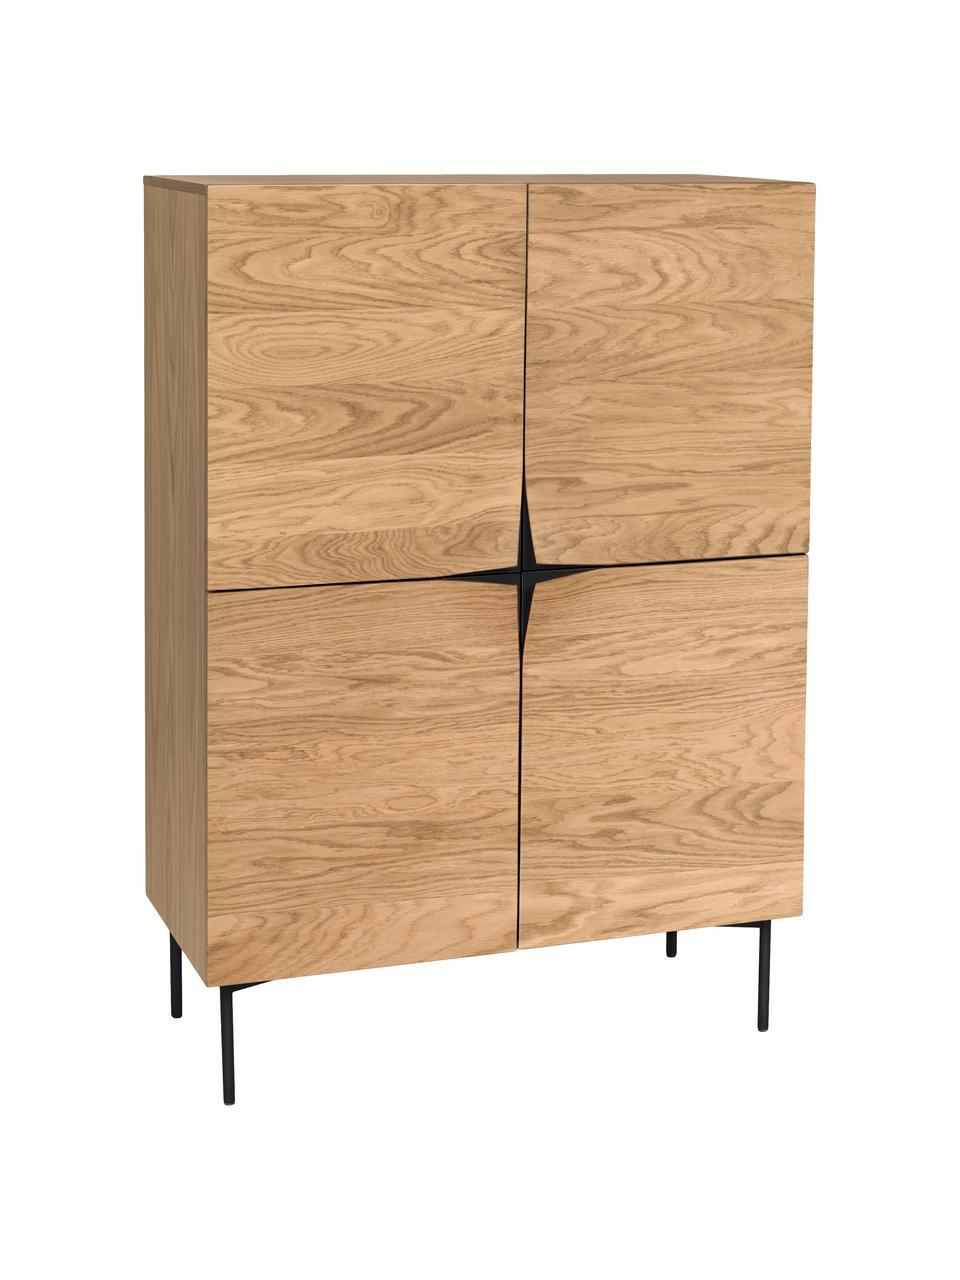 Komoda z drzwiczkami z drewna dębowego Filip, Korpus: sklejka z fornirem z drew, Nogi: metal malowany proszkowo, Drewno dębowe, czarny, S 100 x W 140 cm